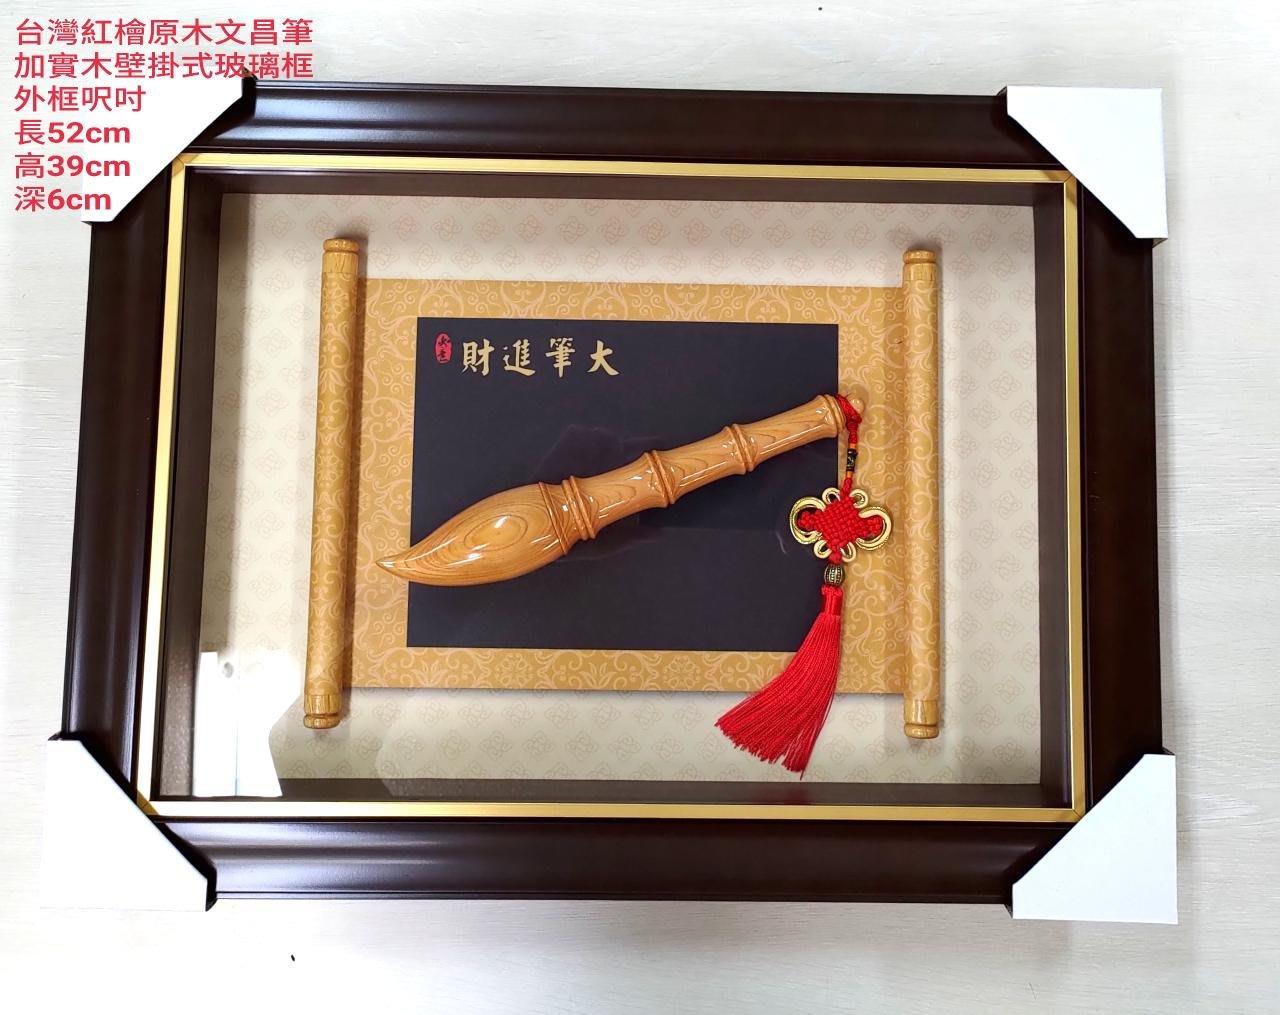 台灣紅檜原木文昌筆 加實木壁掛式玻璃框 外框呎吋 長52cm 高39cm 深6cm